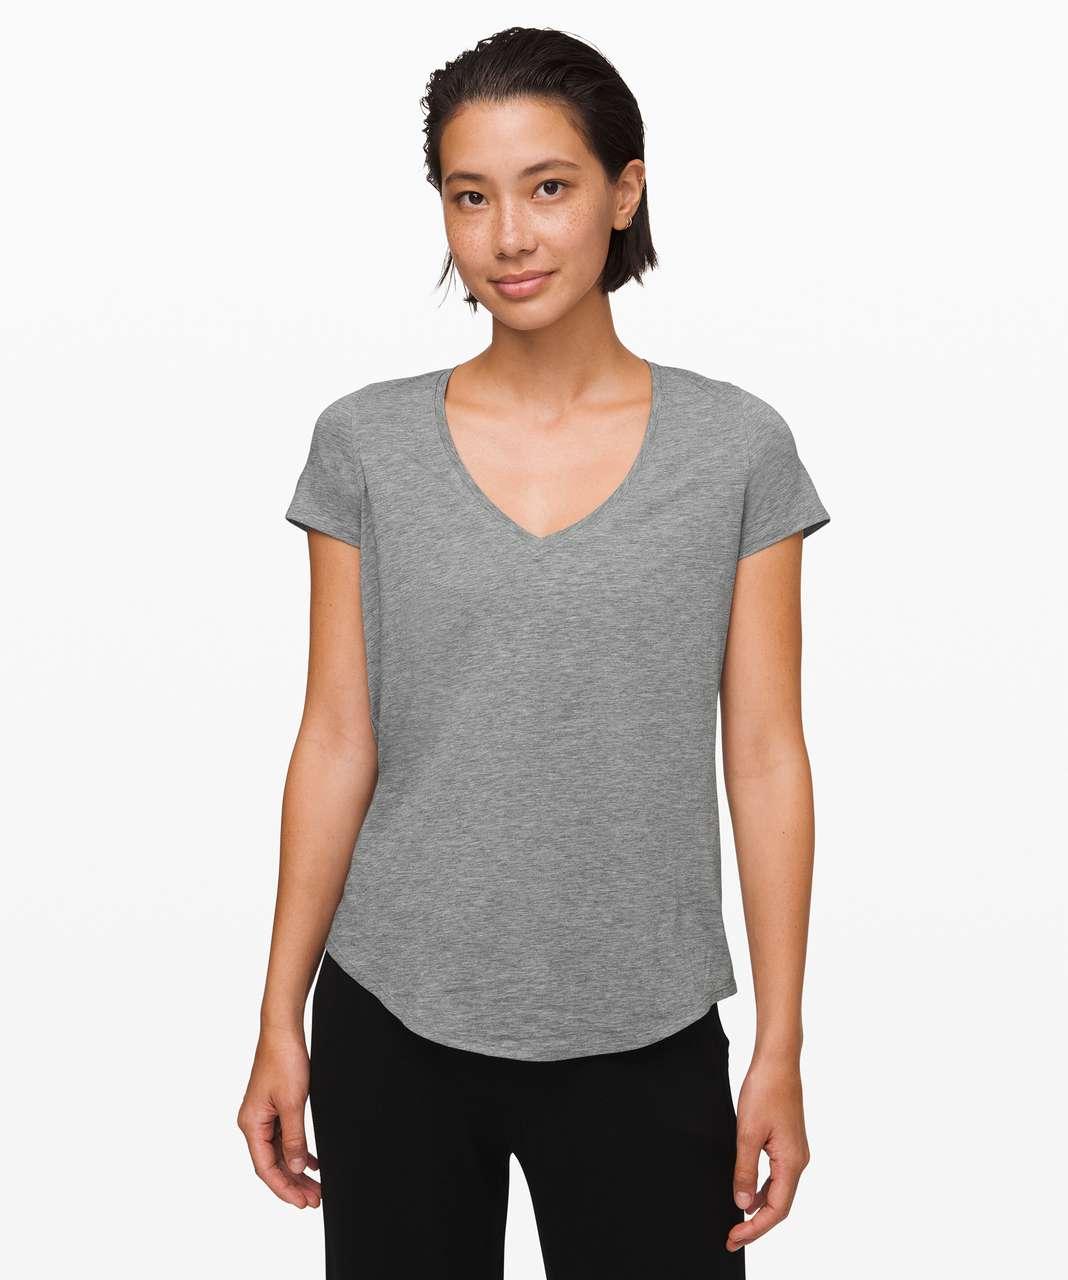 Lululemon Love Tee V - Heathered Core Medium Grey